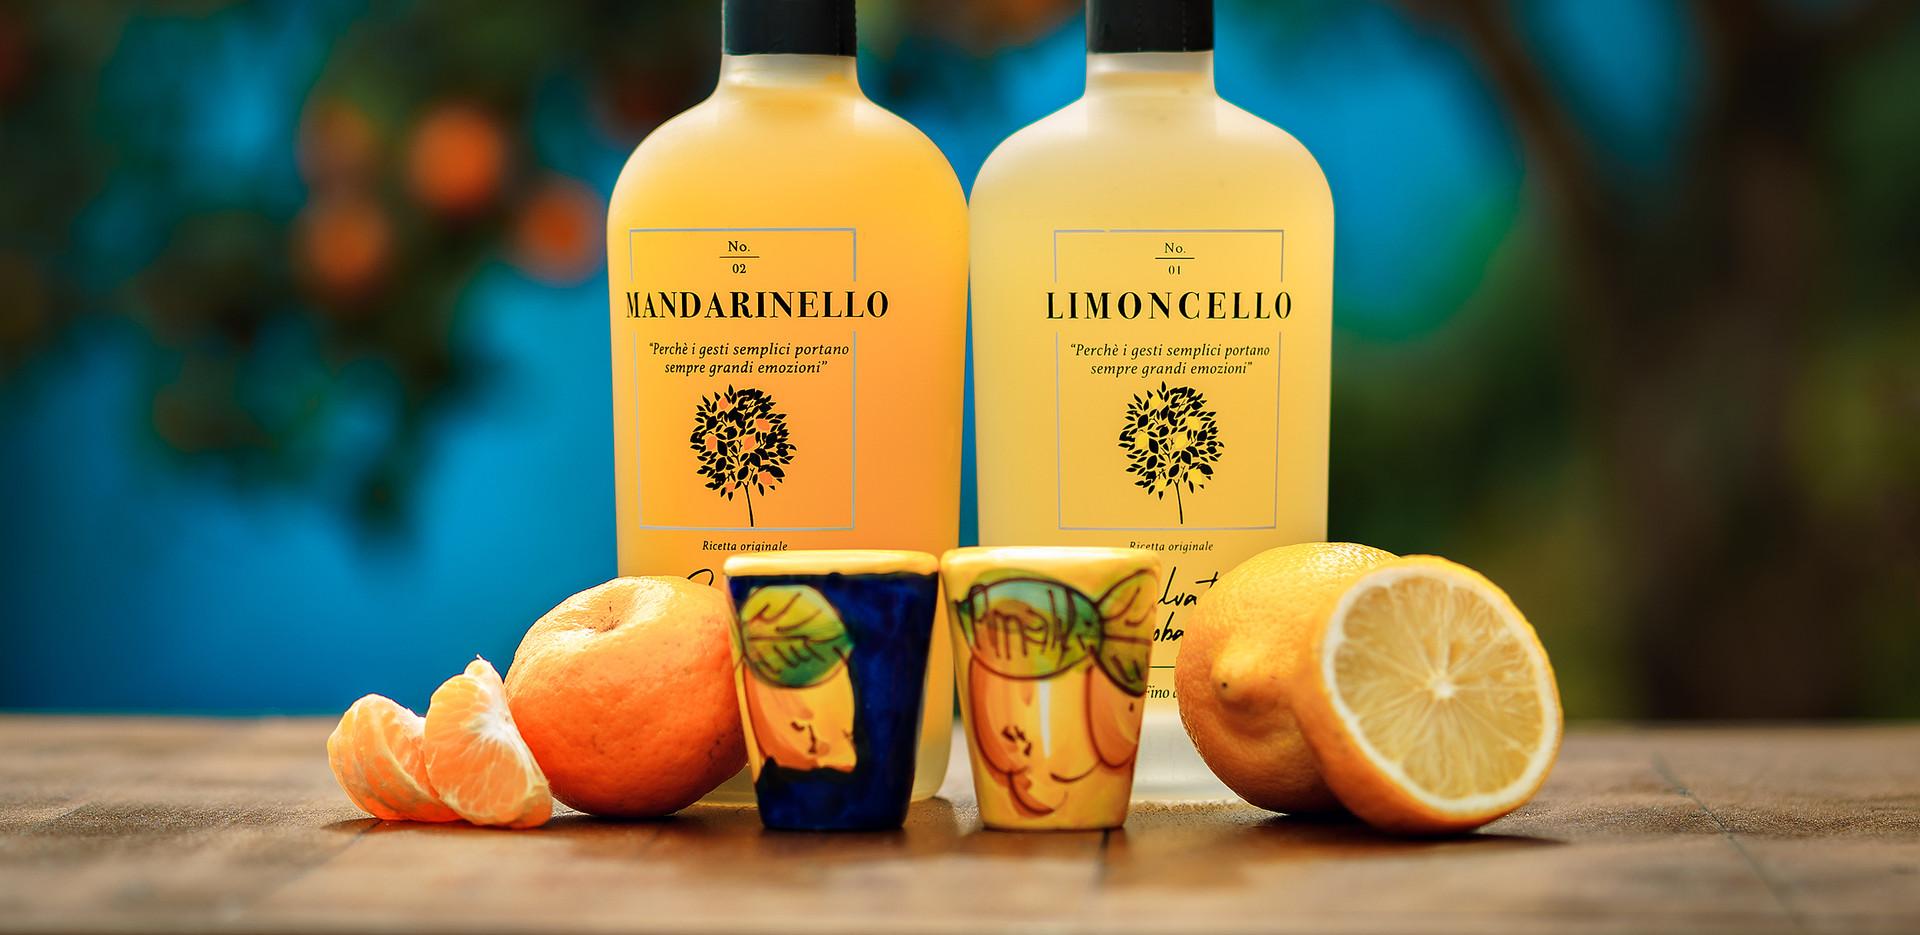 Tradição e a simplicidade são características que definem o Limoncello SL. Cada dose traz à memória a elegância e frescor do limão siciliano. Versátil e leve, um dos símbolos da cultura italiana, pode ser apreciado da forma tradicional como digestivo ou mesmo como base para drinks em diferentes ocasiões.